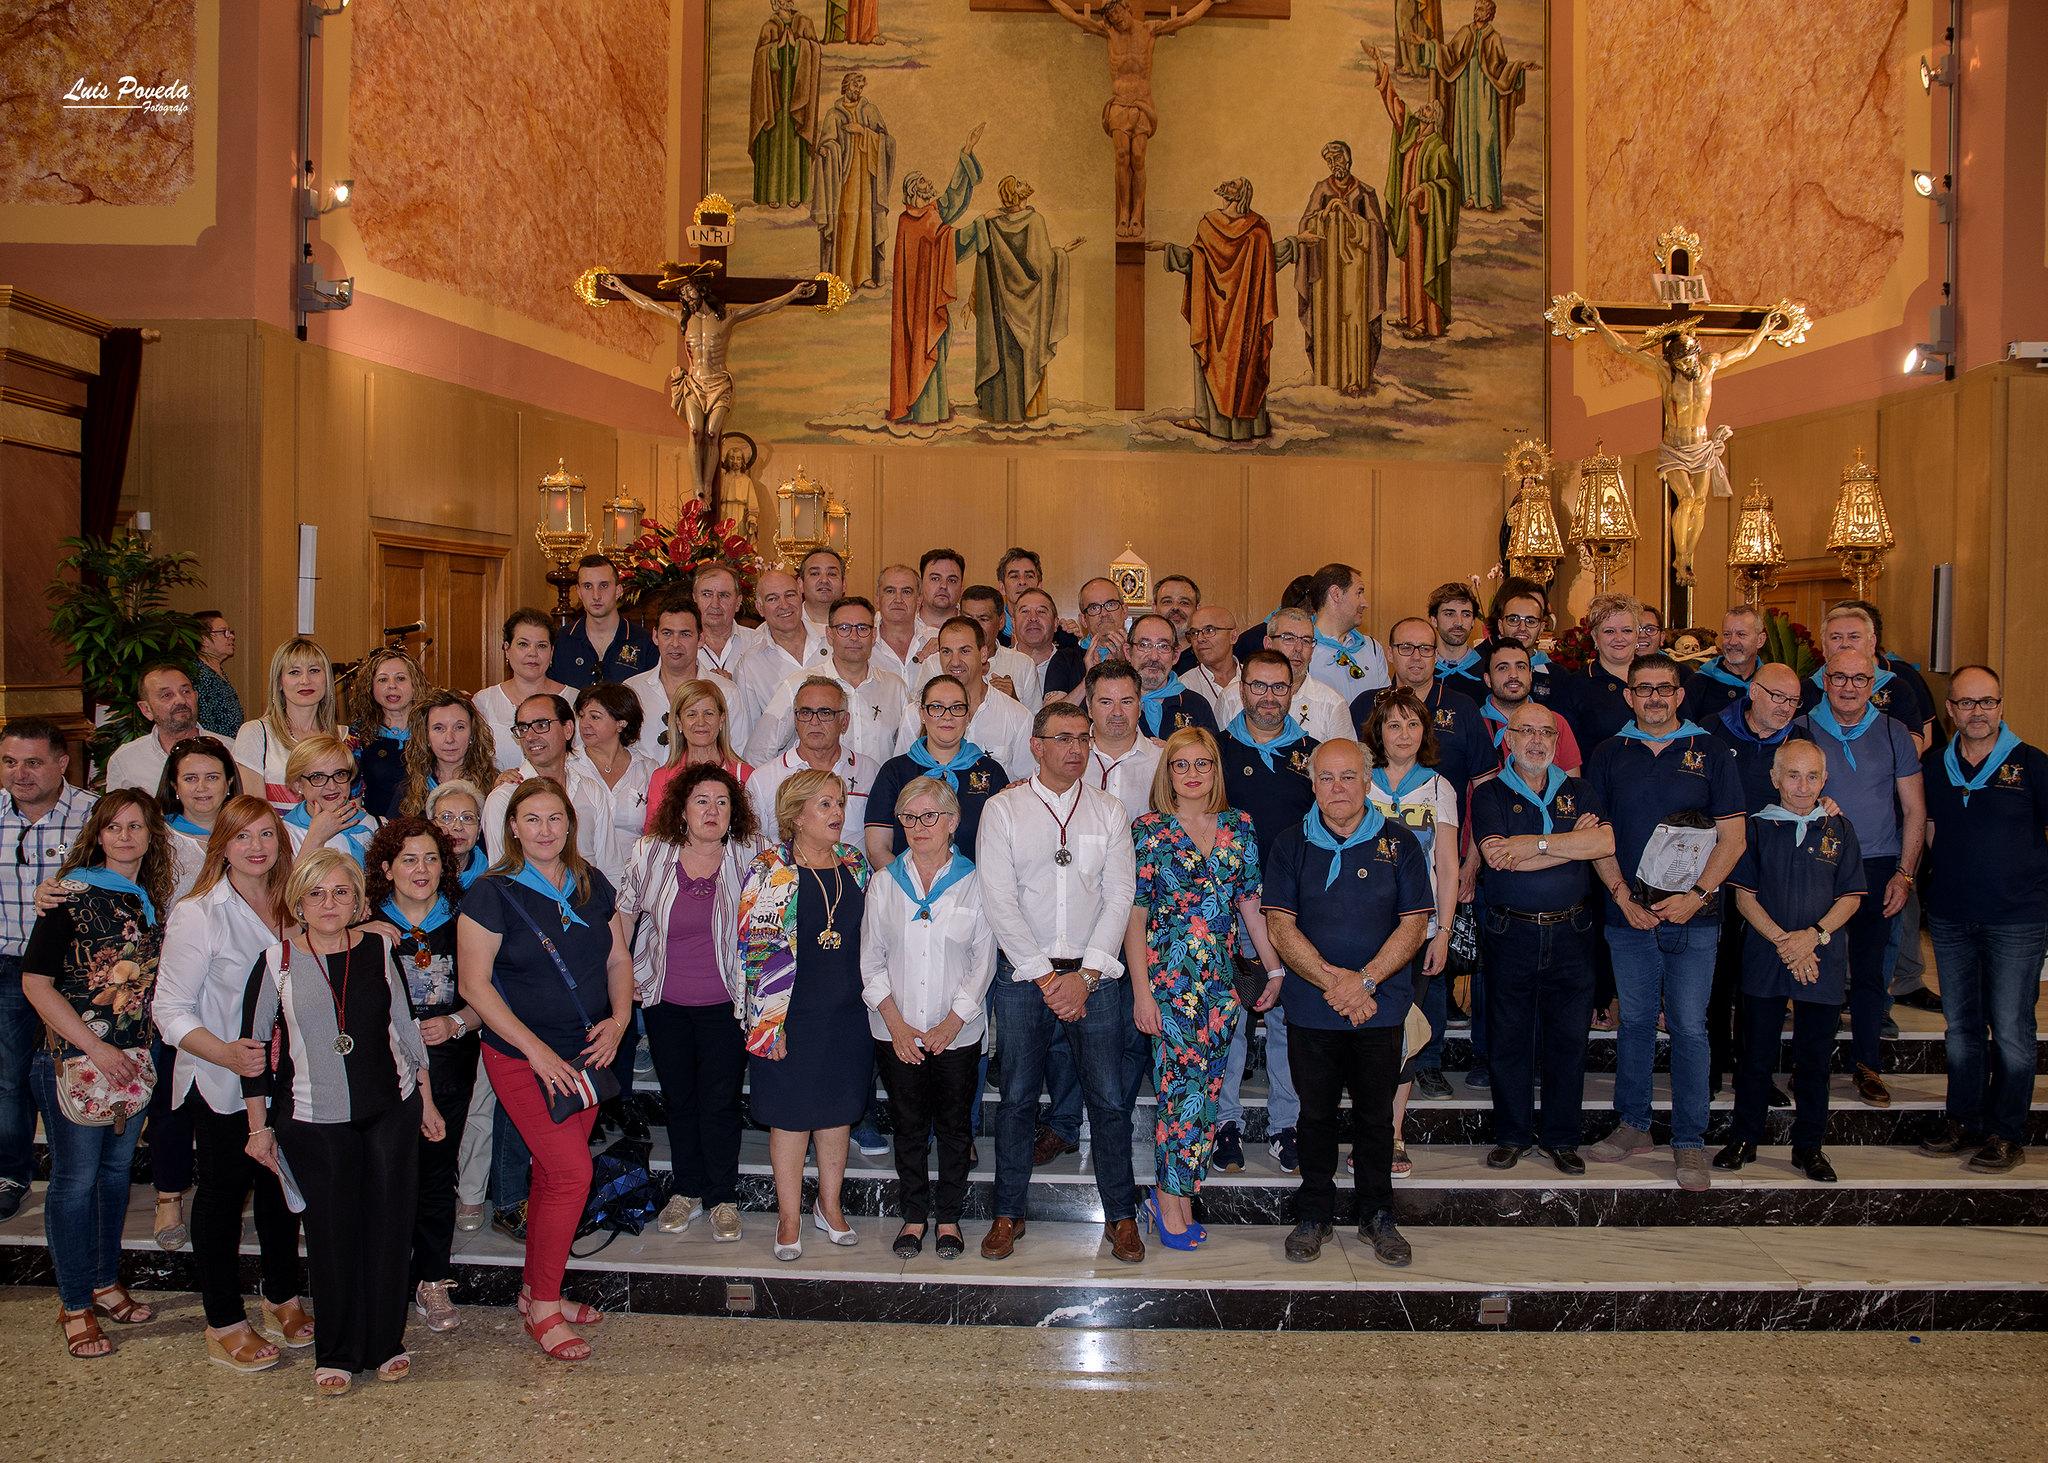 (2018-06-16) - 75 Aniversario - Encuentro - Luis Poveda Galiano (16)